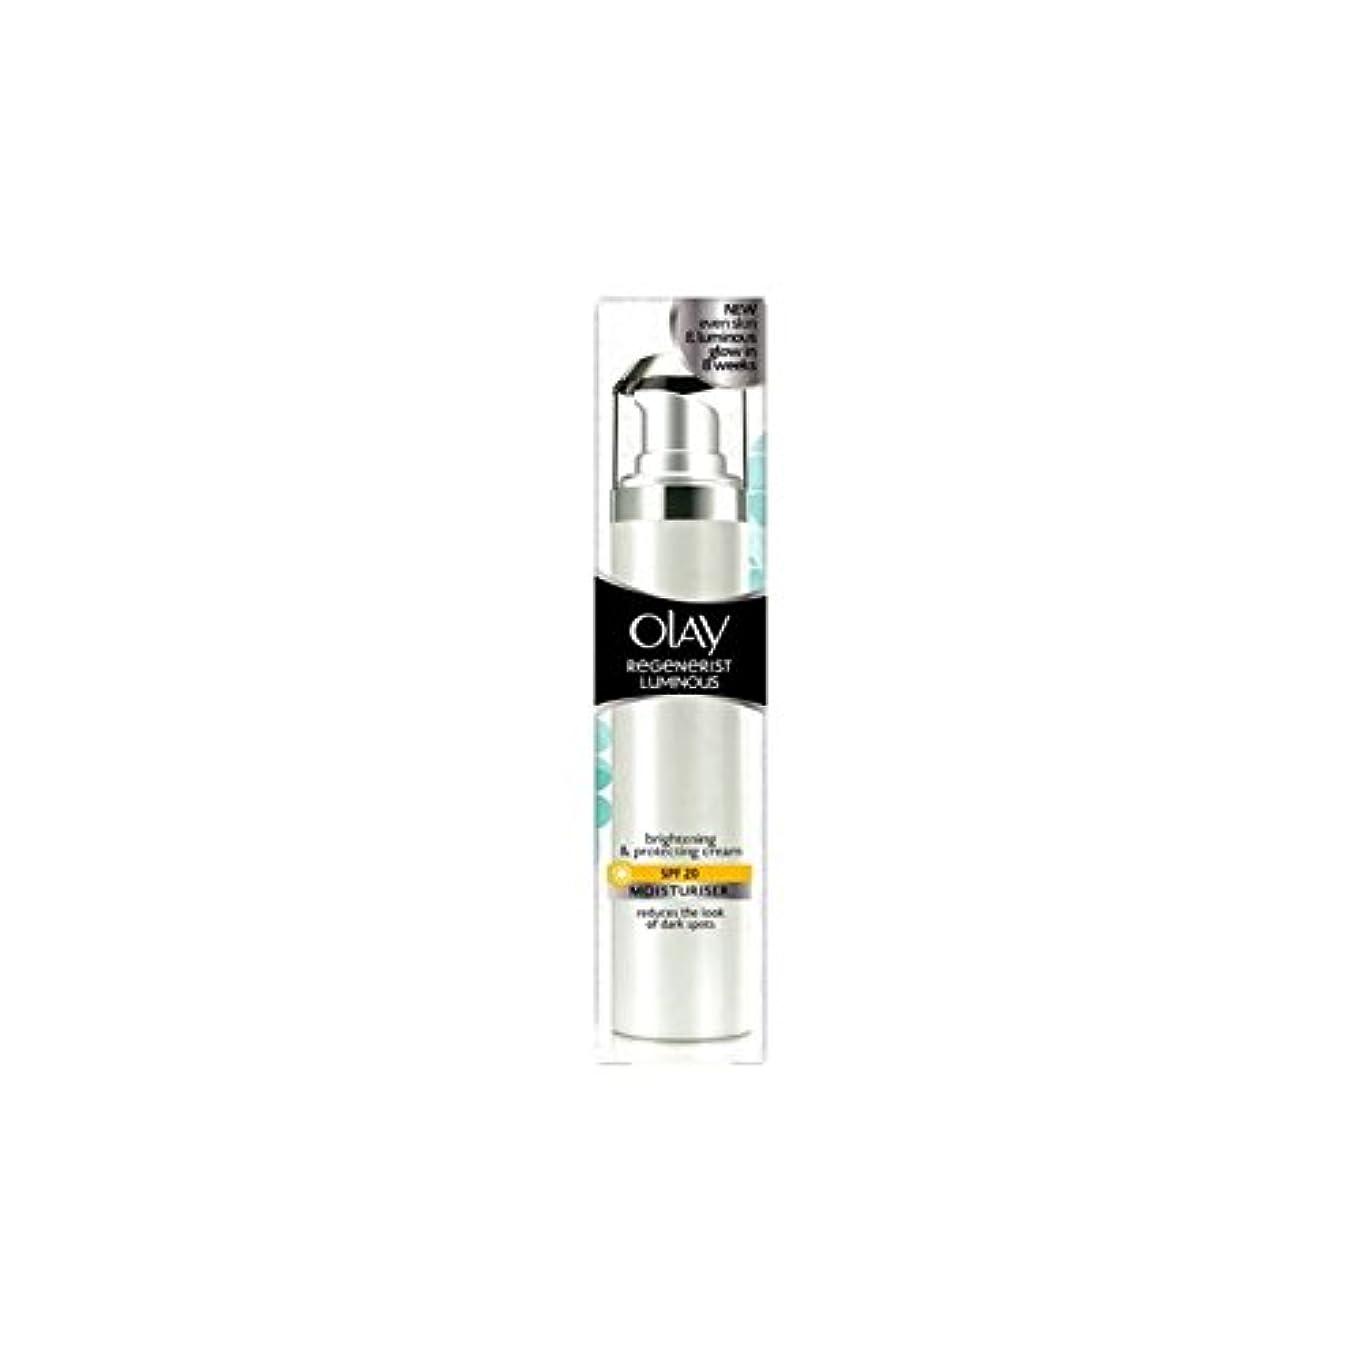 メリーマージ各Olay Regenerist Luminous Day Cream Spf20 (50ml) - オーレイリジェネ発光デイクリーム20(50ミリリットル) [並行輸入品]